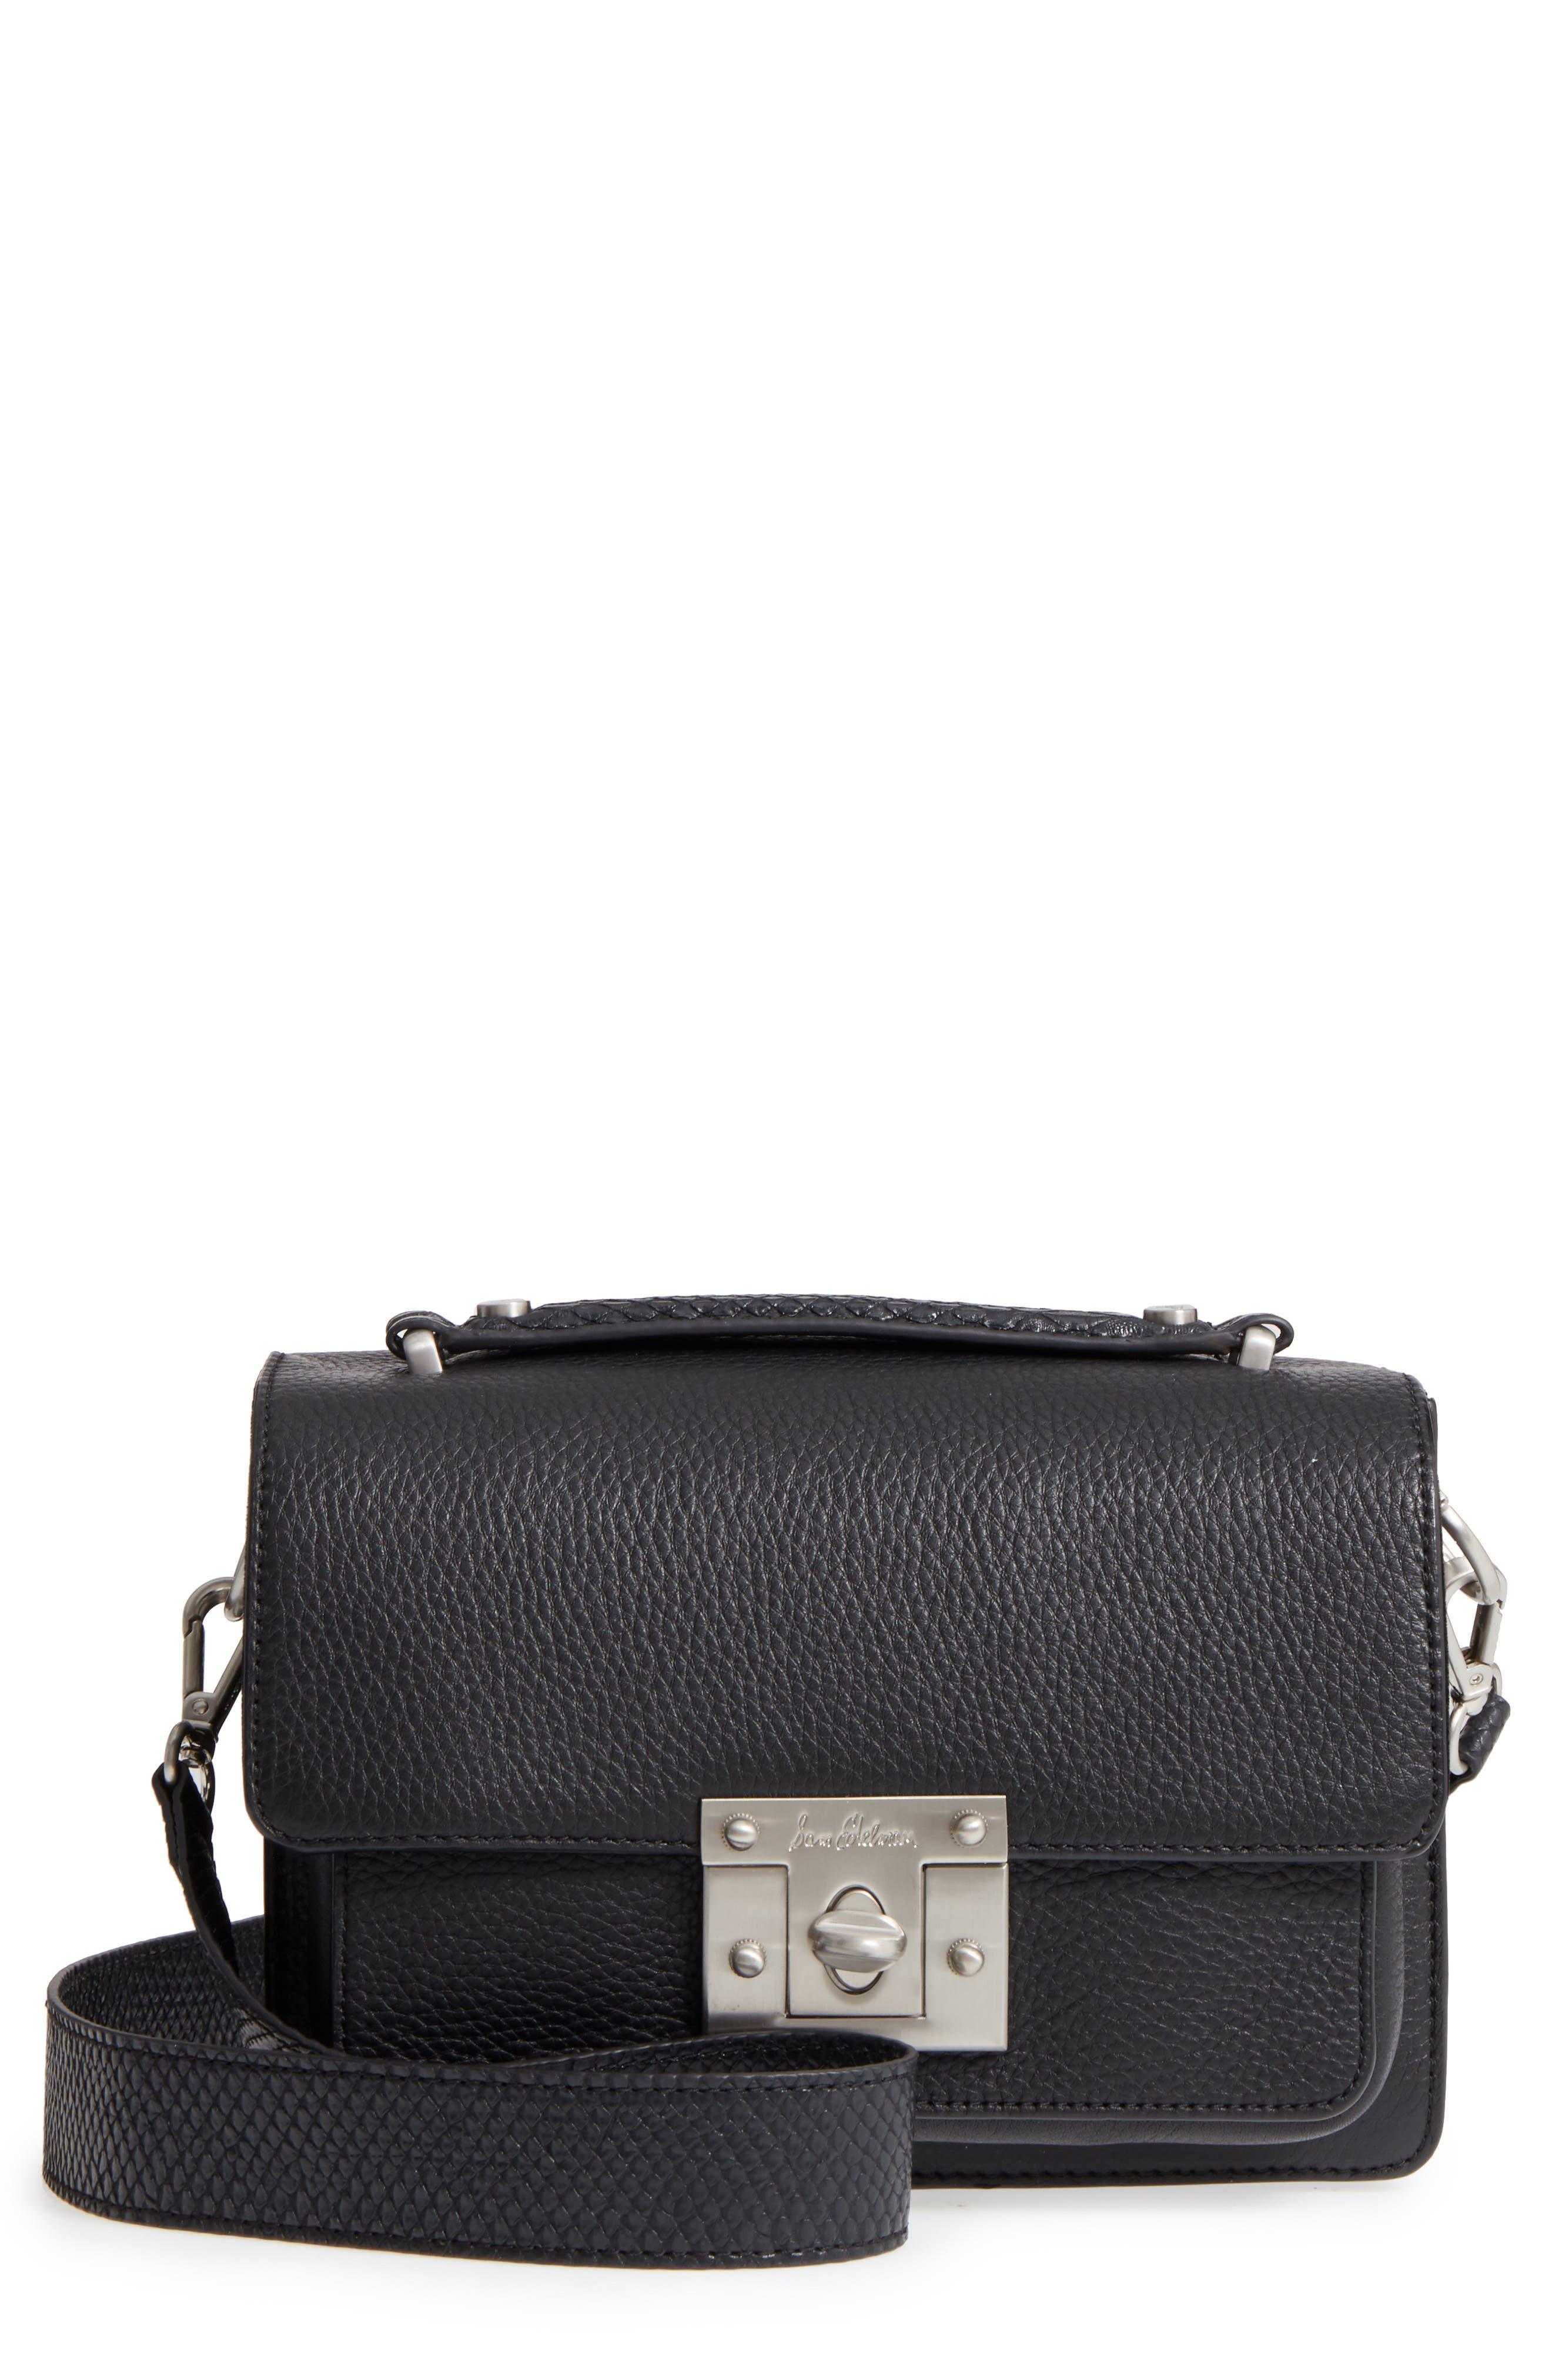 Sam Edelman Gessica Leather Shoulder Bag